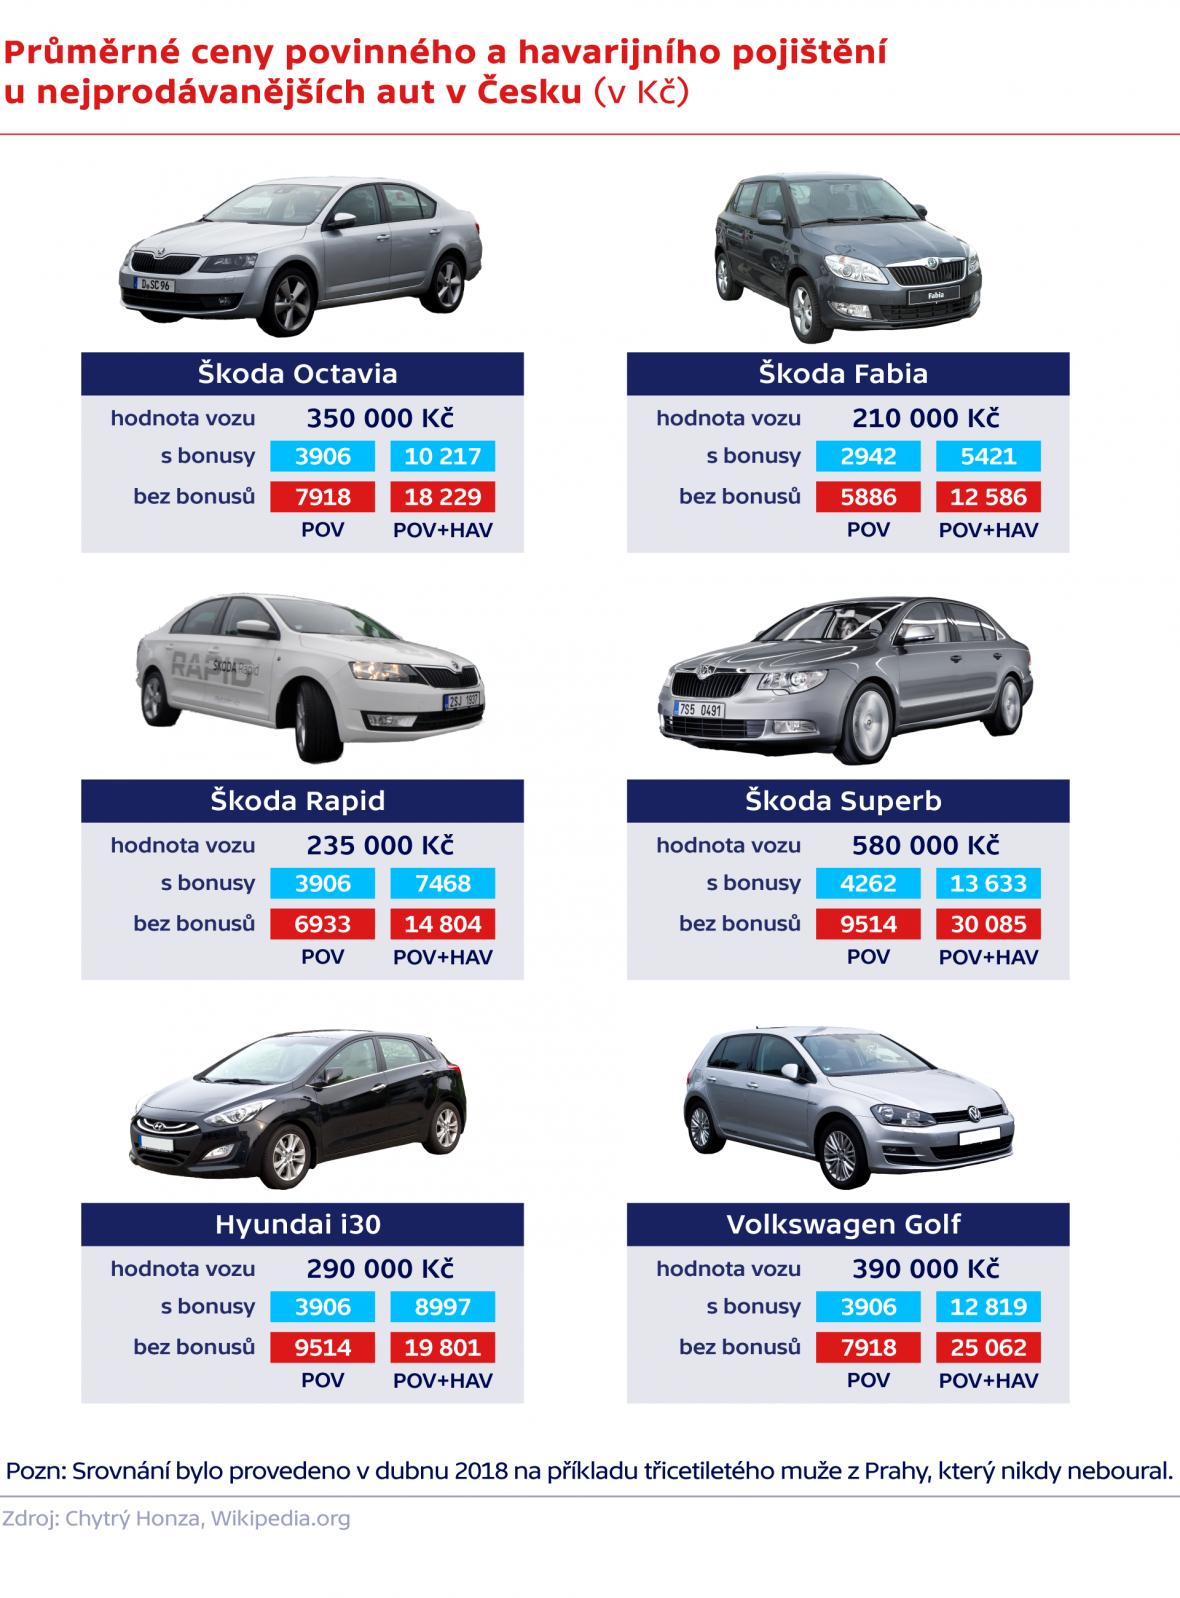 Průměrné ceny povinného a havarijního pojištění u nejprodávanějších aut v Česku (v Kč)